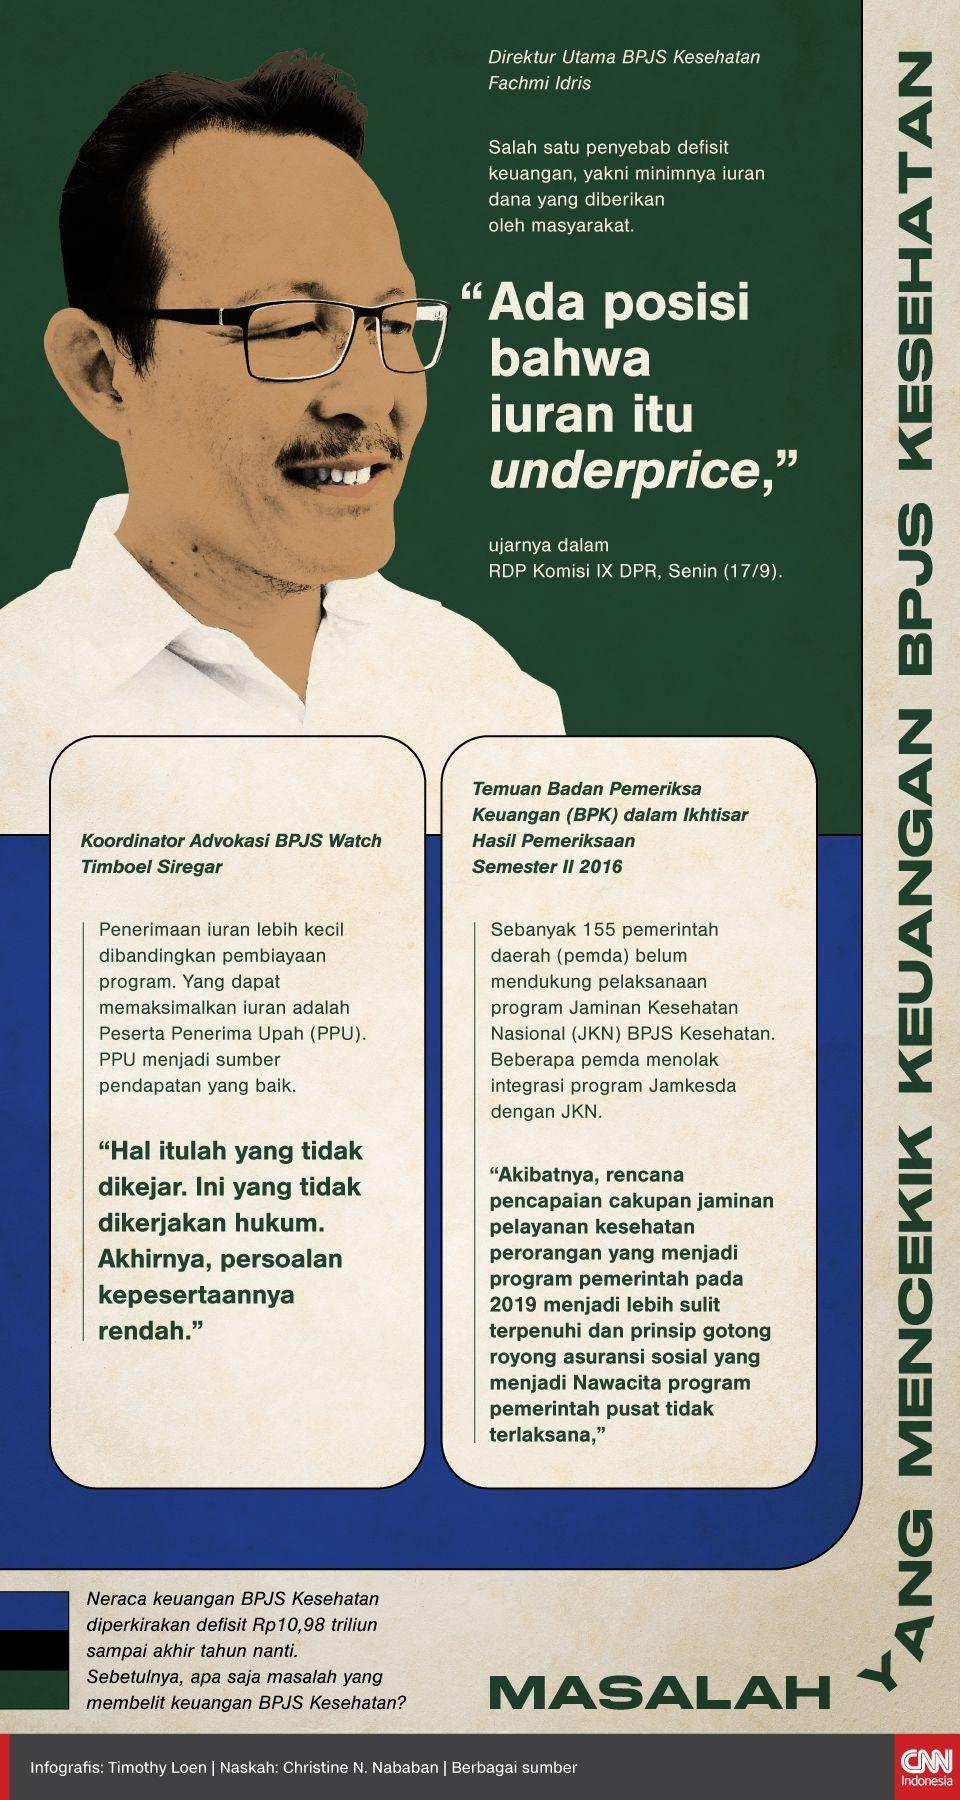 Infografis Masalah yang Mencekik Keuangan BPJS Kesehatan